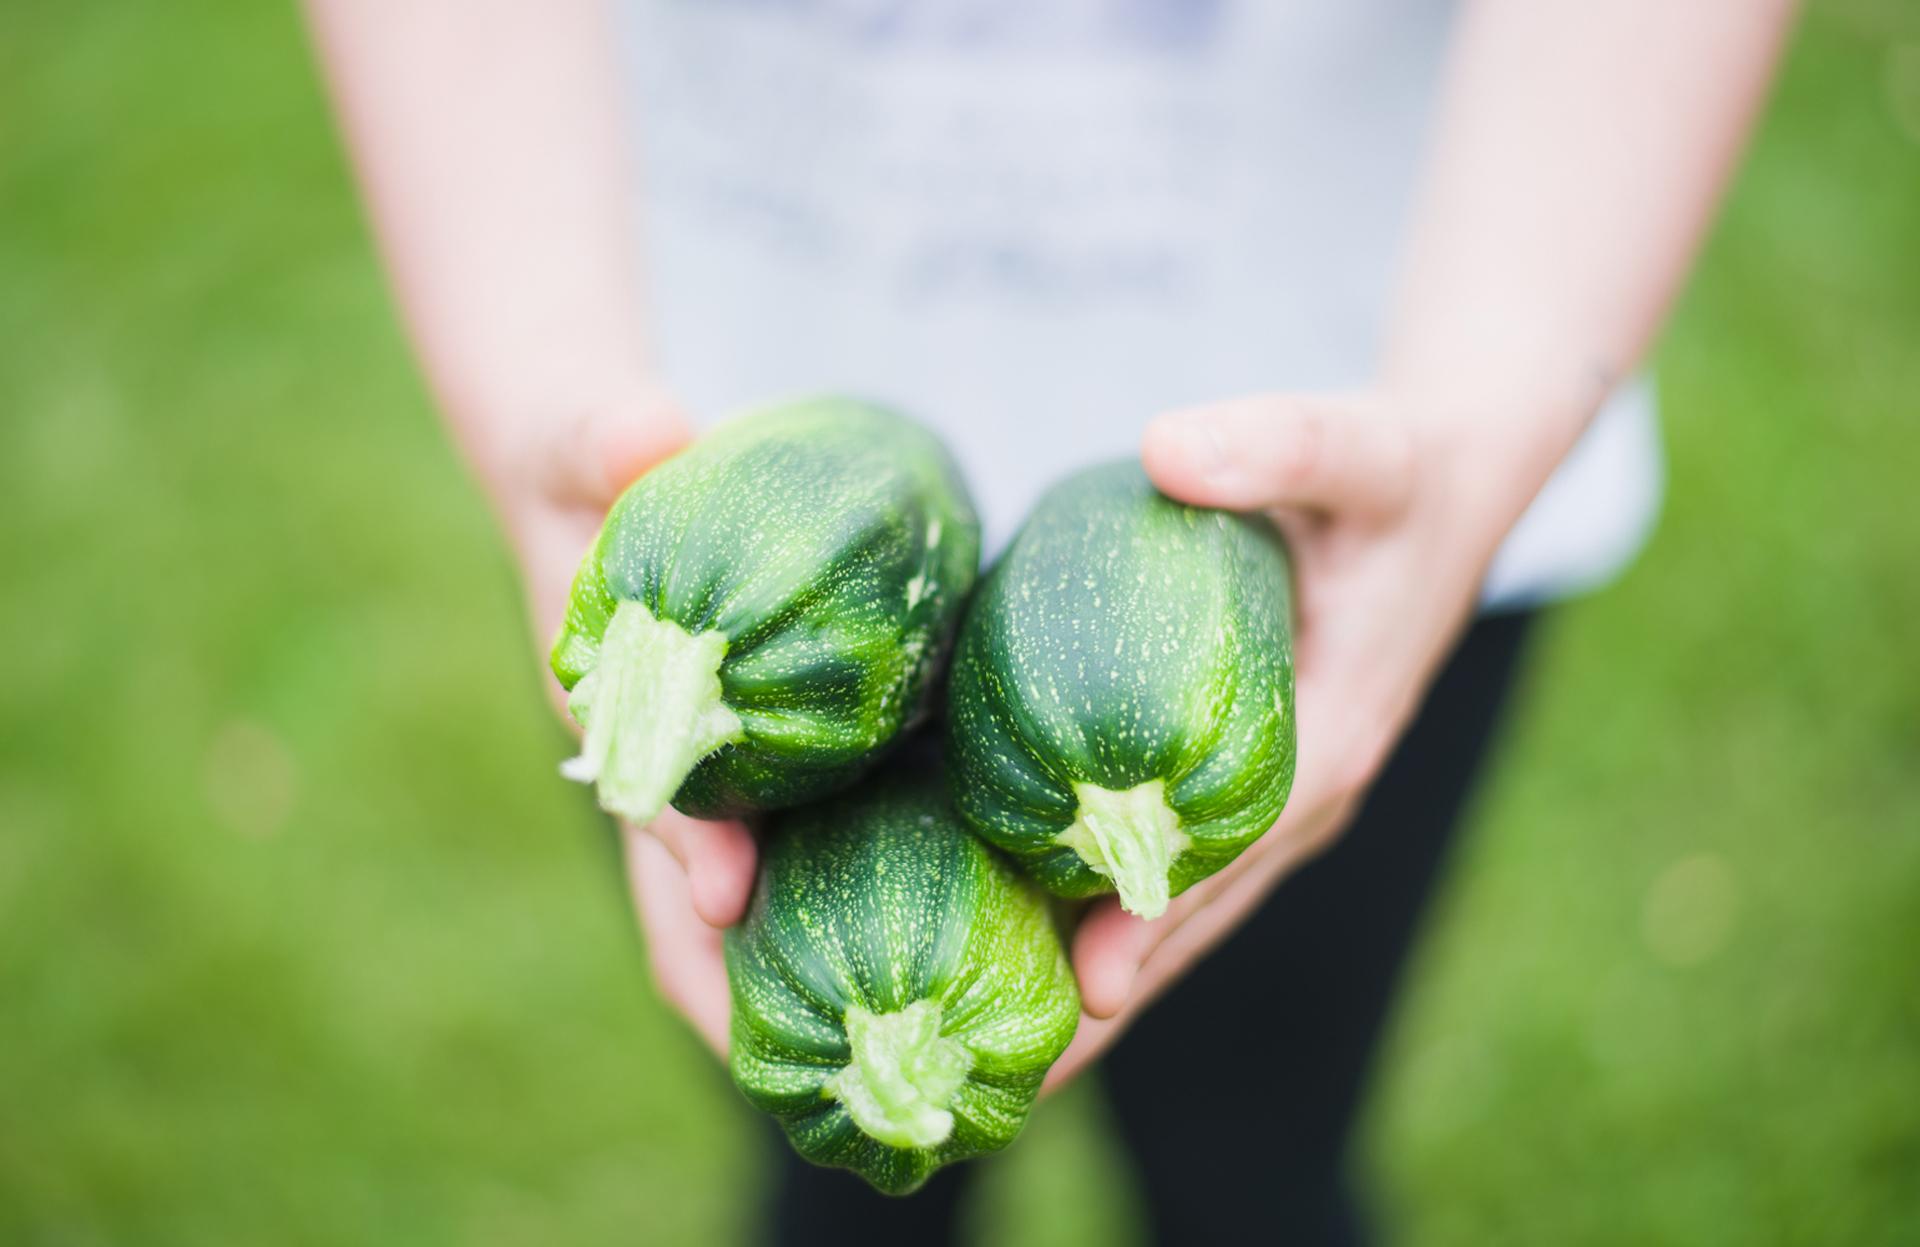 Zucchine: i benefici di una verdura versatile e adattissima allo svezzamento